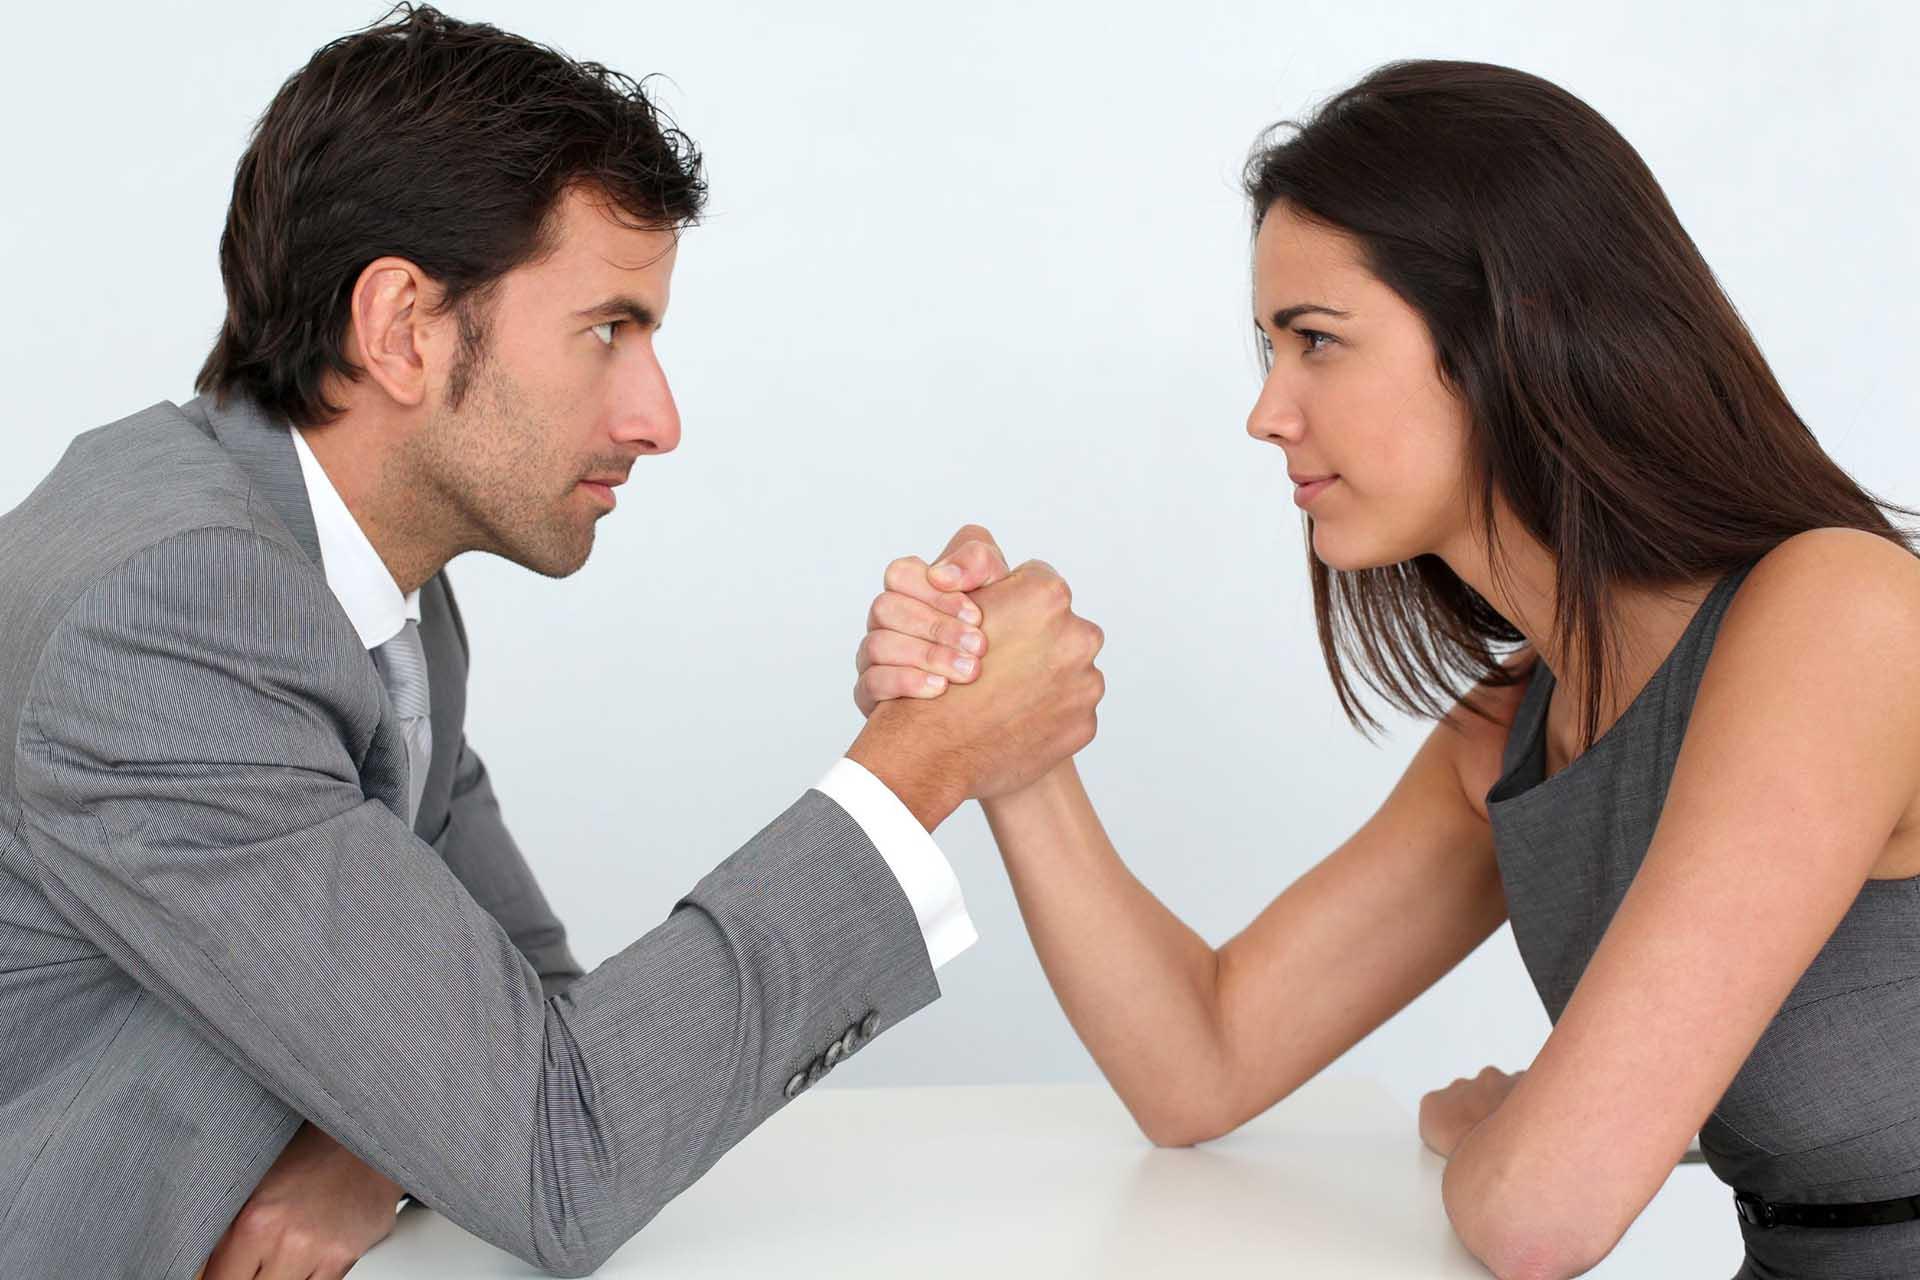 Бесплатный вебинар: Как выйти из любого конфликта и наладить любые отношения